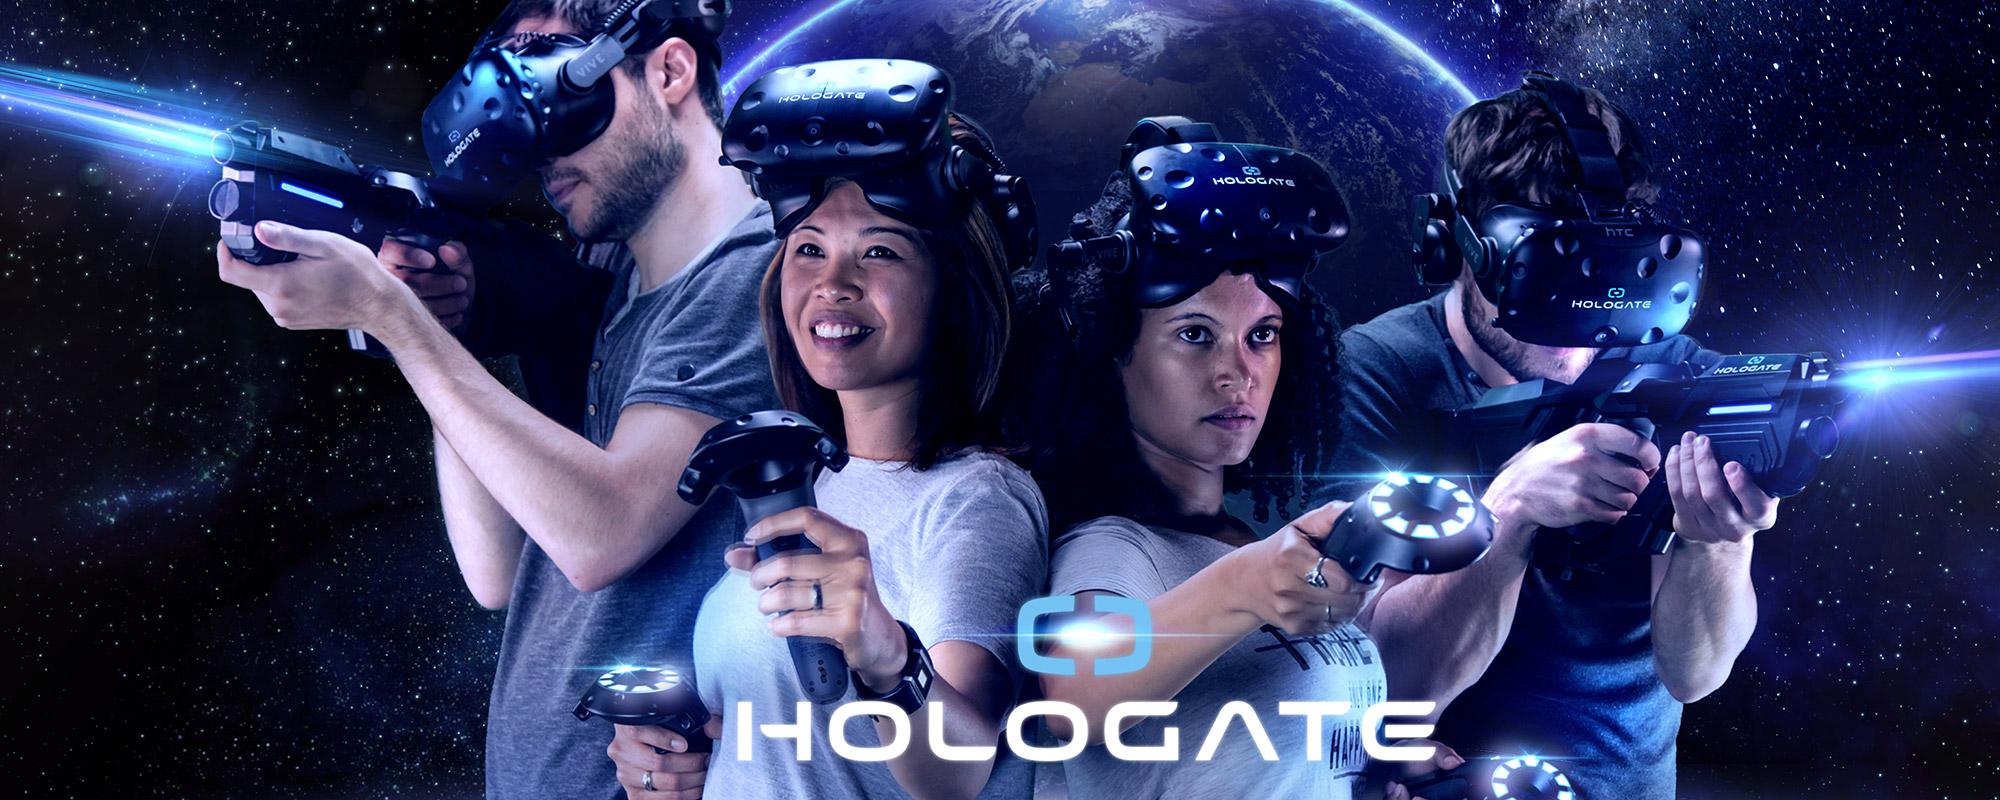 ebafkc-hologate-2000x800-01